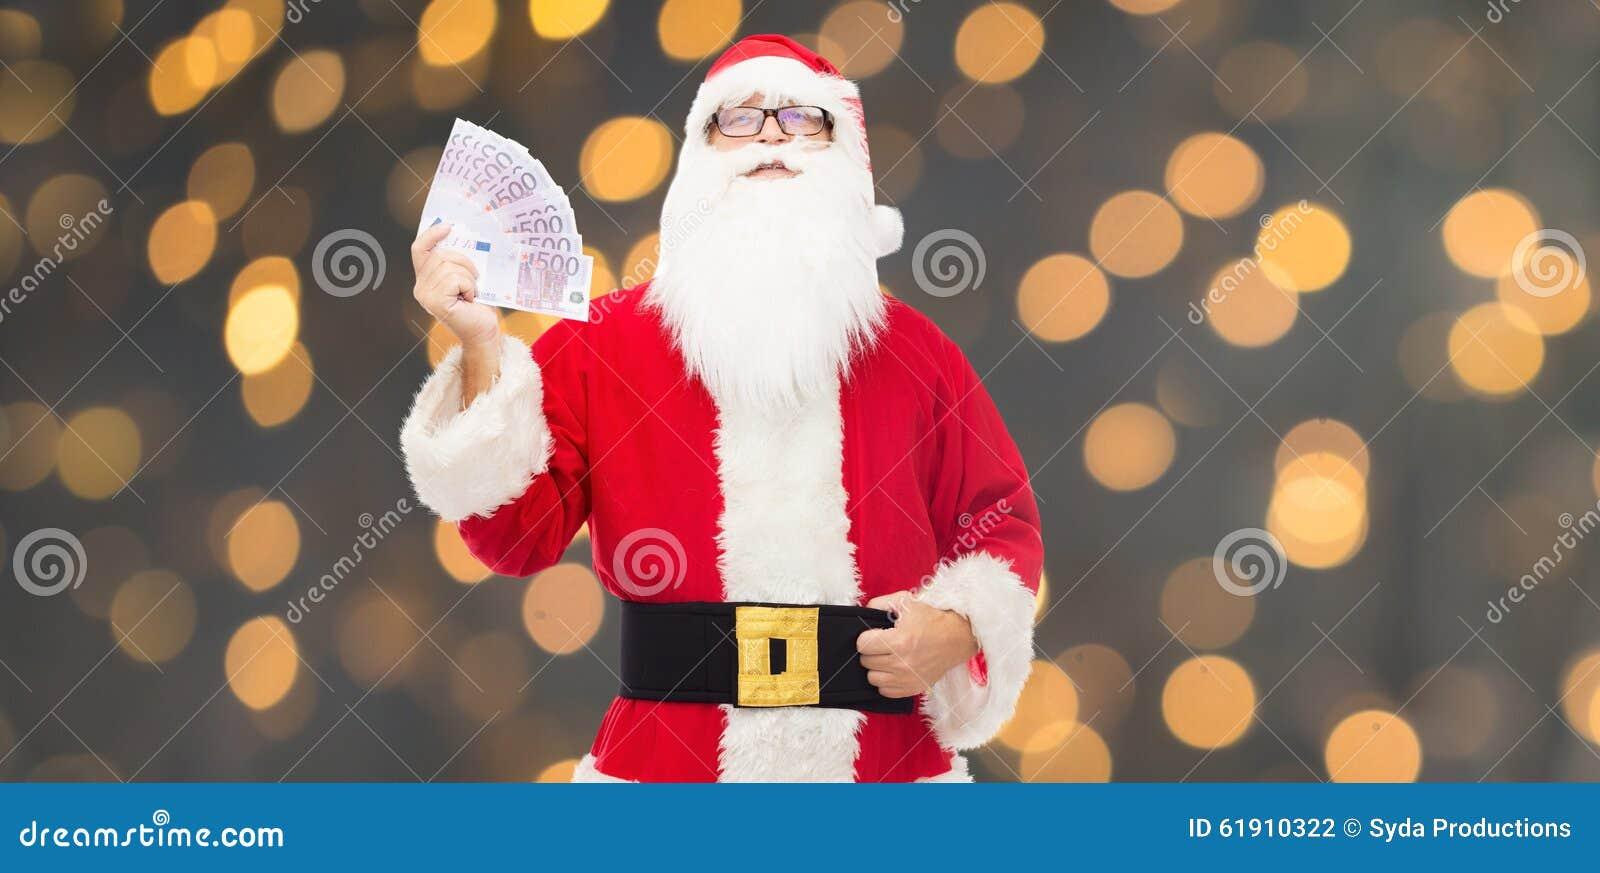 a45e7a462c89b Homme Dans Le Costume Du Père Noël Avec L'euro Argent Photo stock ...